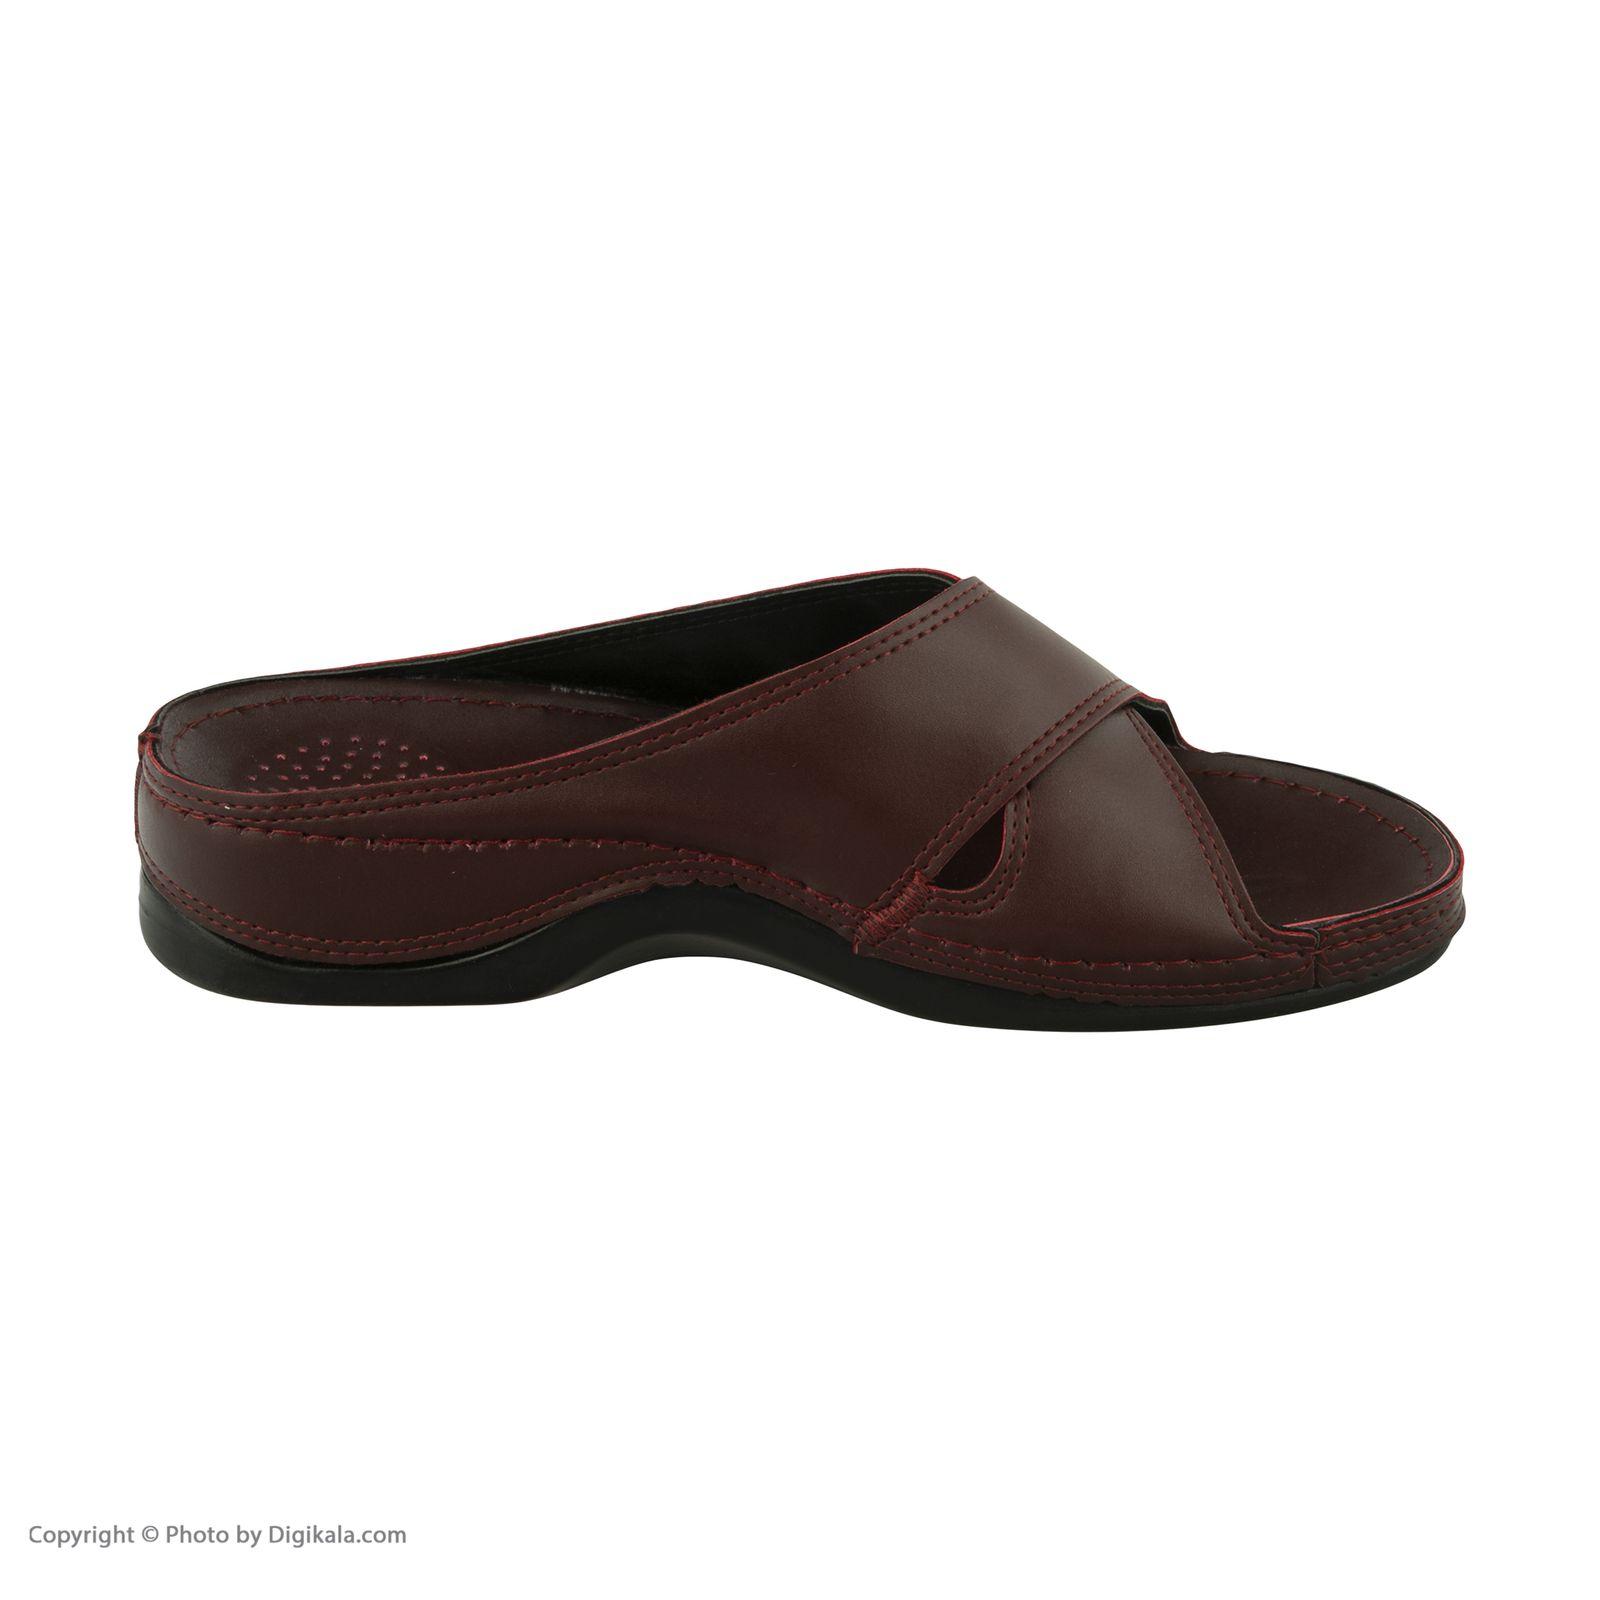 دمپایی زنانه کفش آویده کد av-0304505 رنگ زرشکی -  - 4